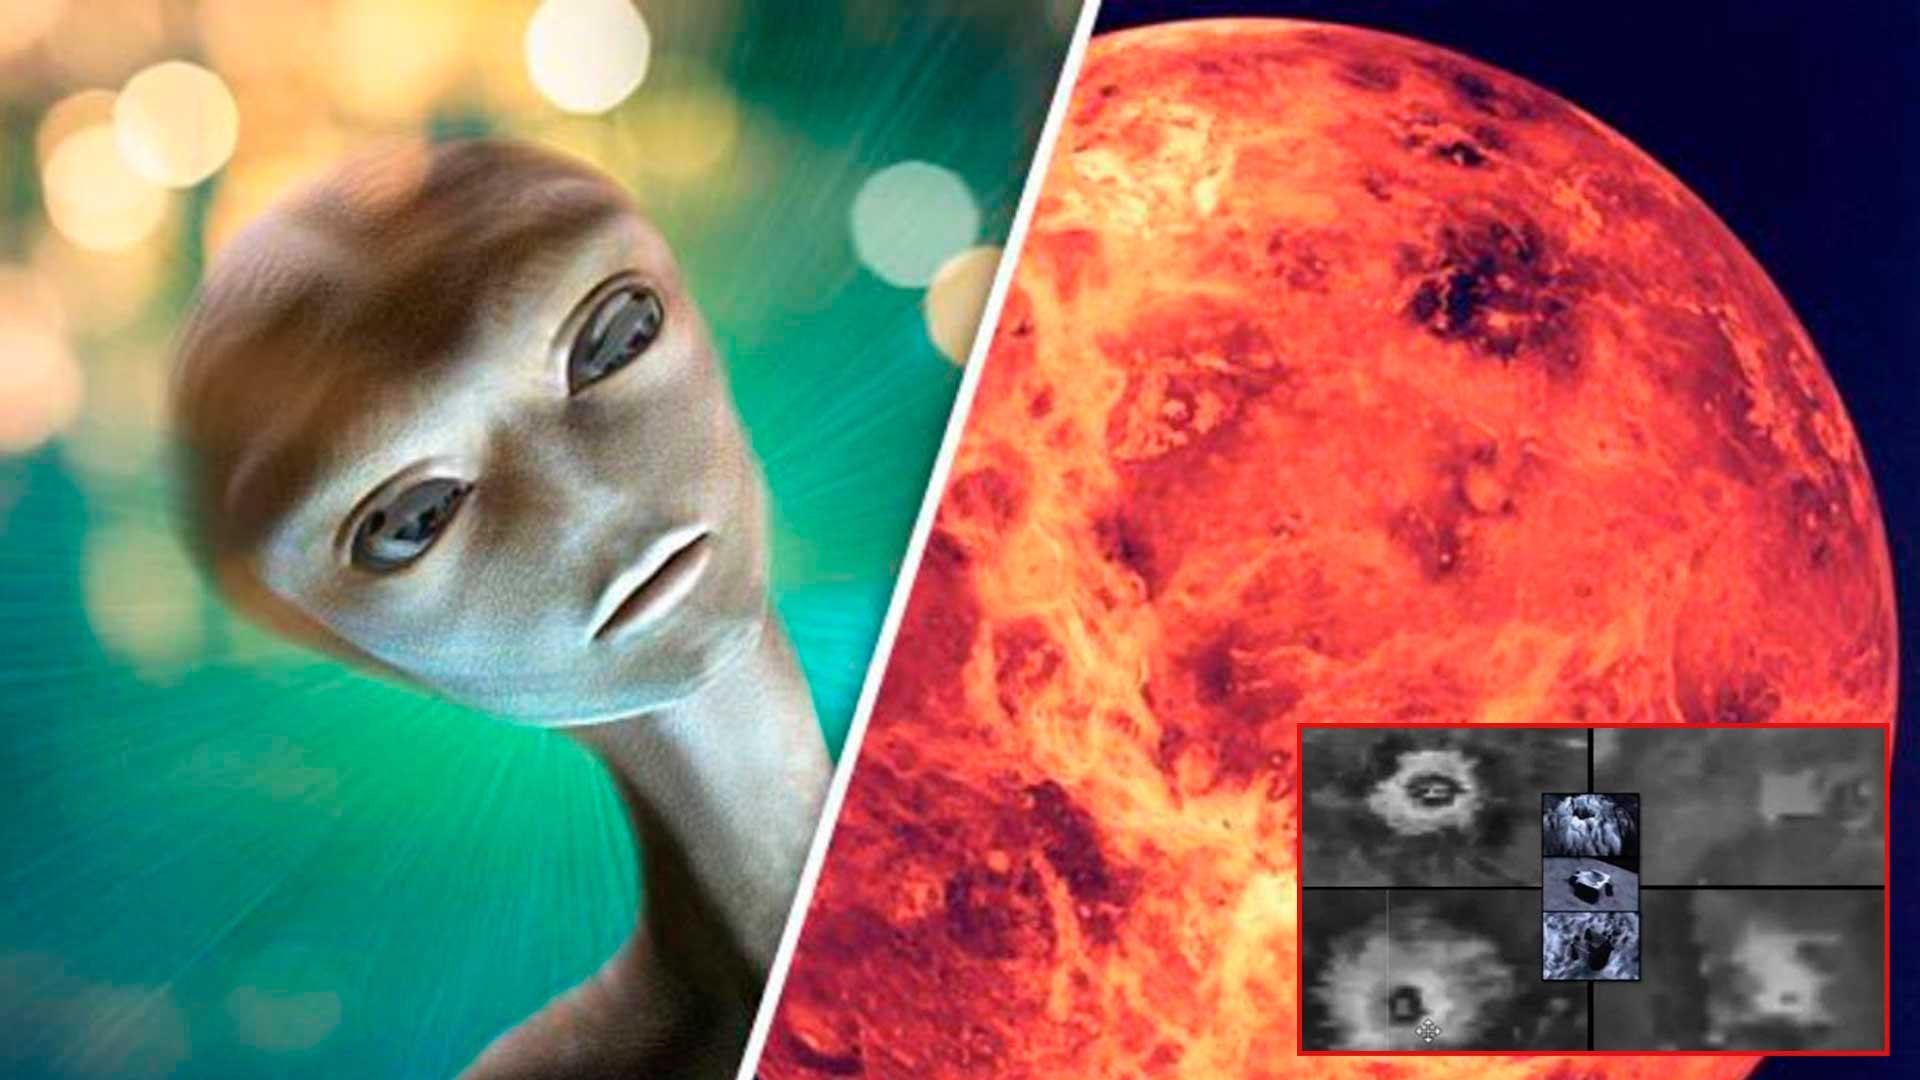 Según RT planeta Venus está lleno de Ciudades y seres vivos y la NASA lo ha ocultado